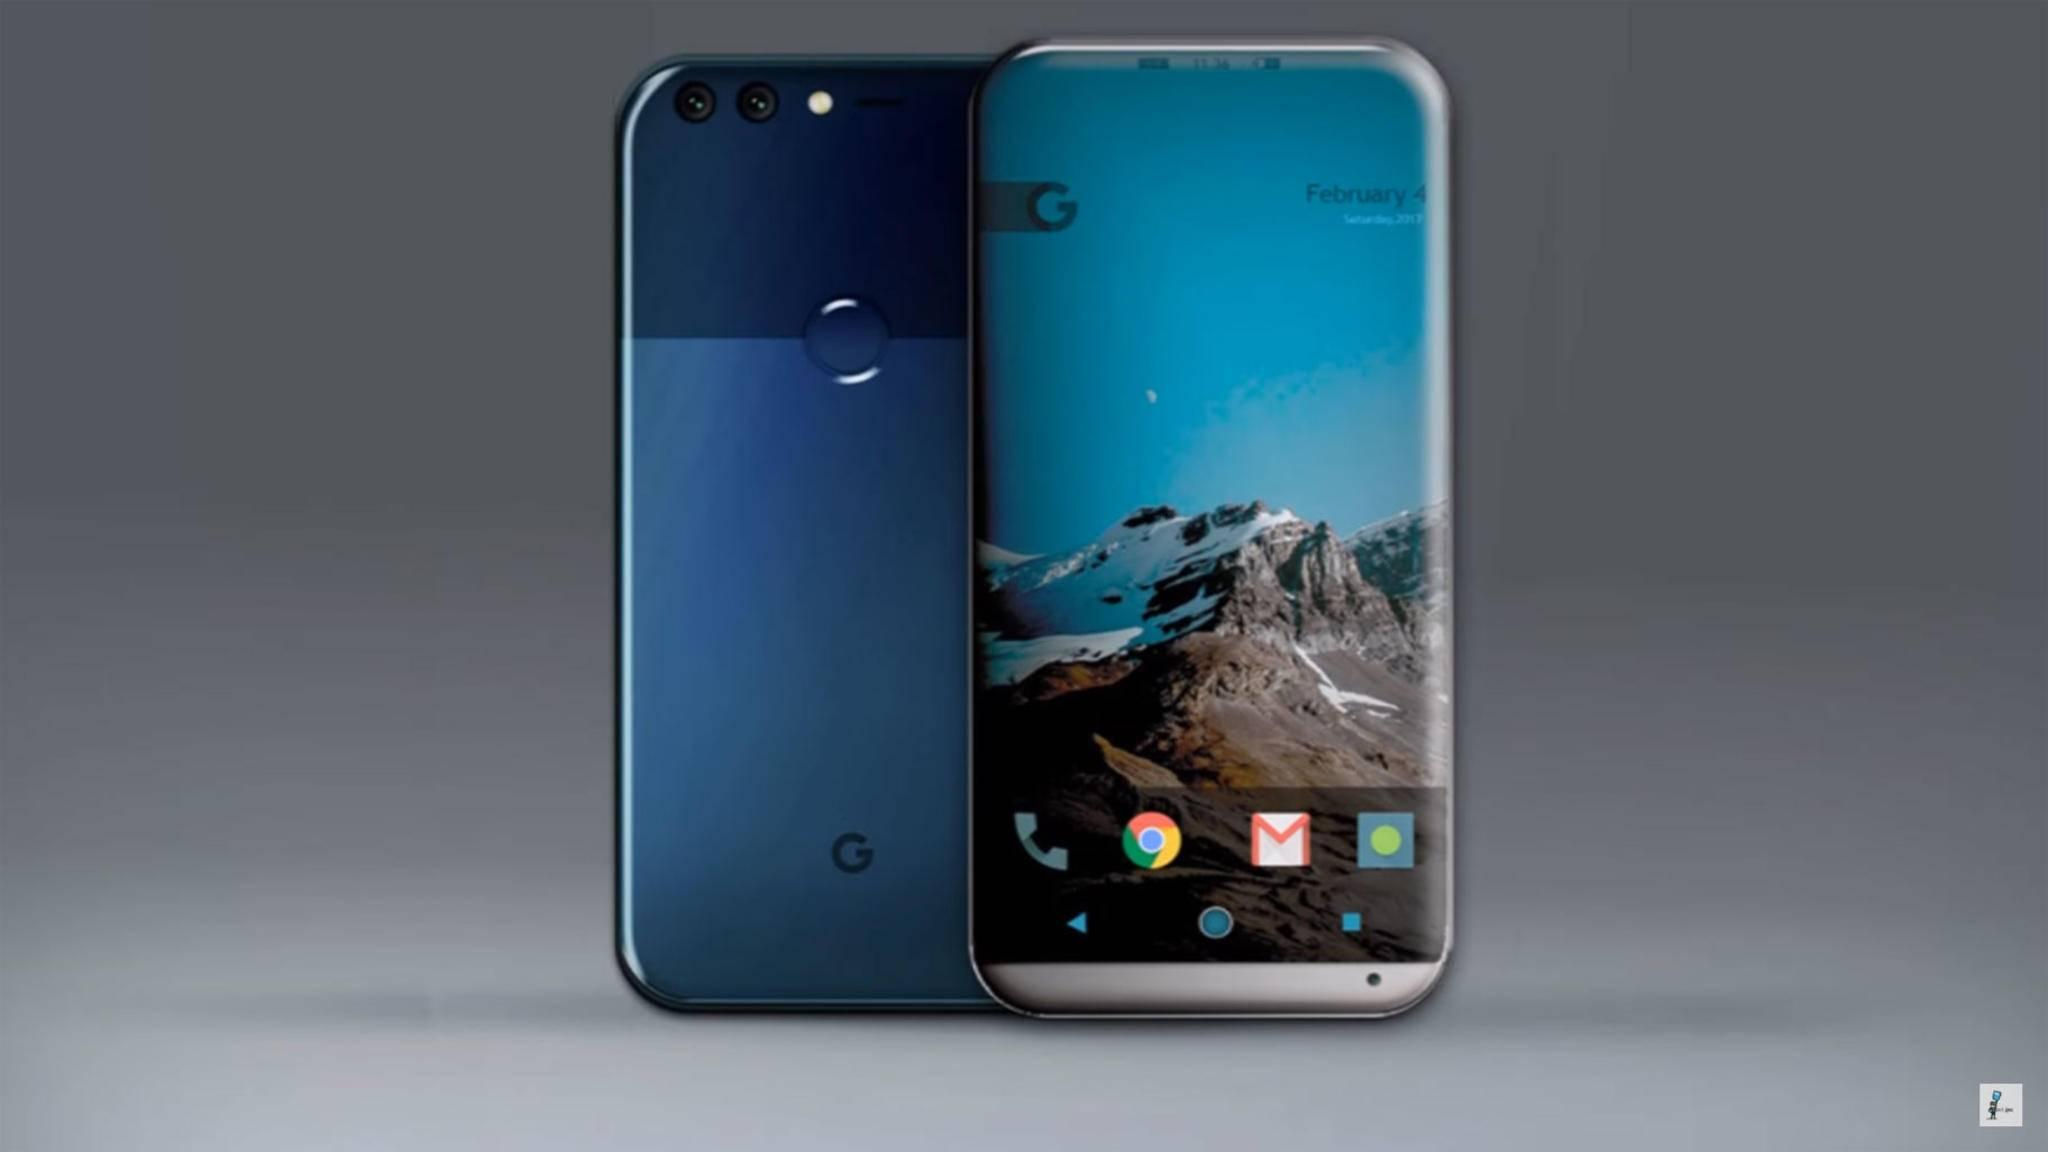 Das Google Pixel 2 dürfte im Gegensatz zum Pixel ein etwas moderneres Design besitzen.